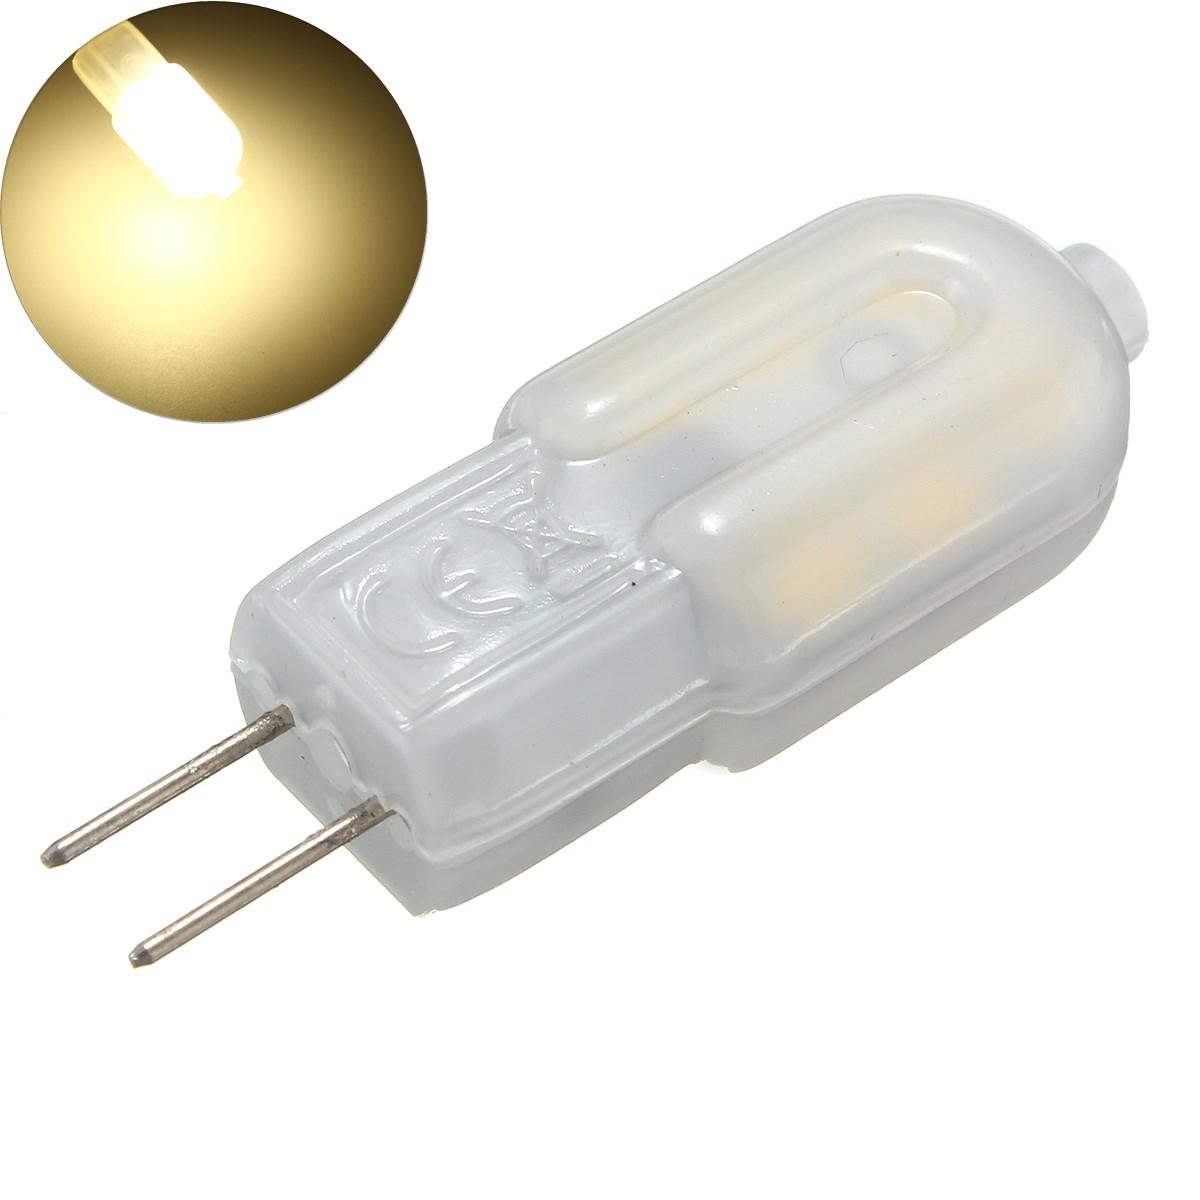 ШТ. G4 2 Вт Нерегулируемый SMD2835 Молоко Крышка Натуральный Белый 12LED Лампочка для Крытого Дома DC12V